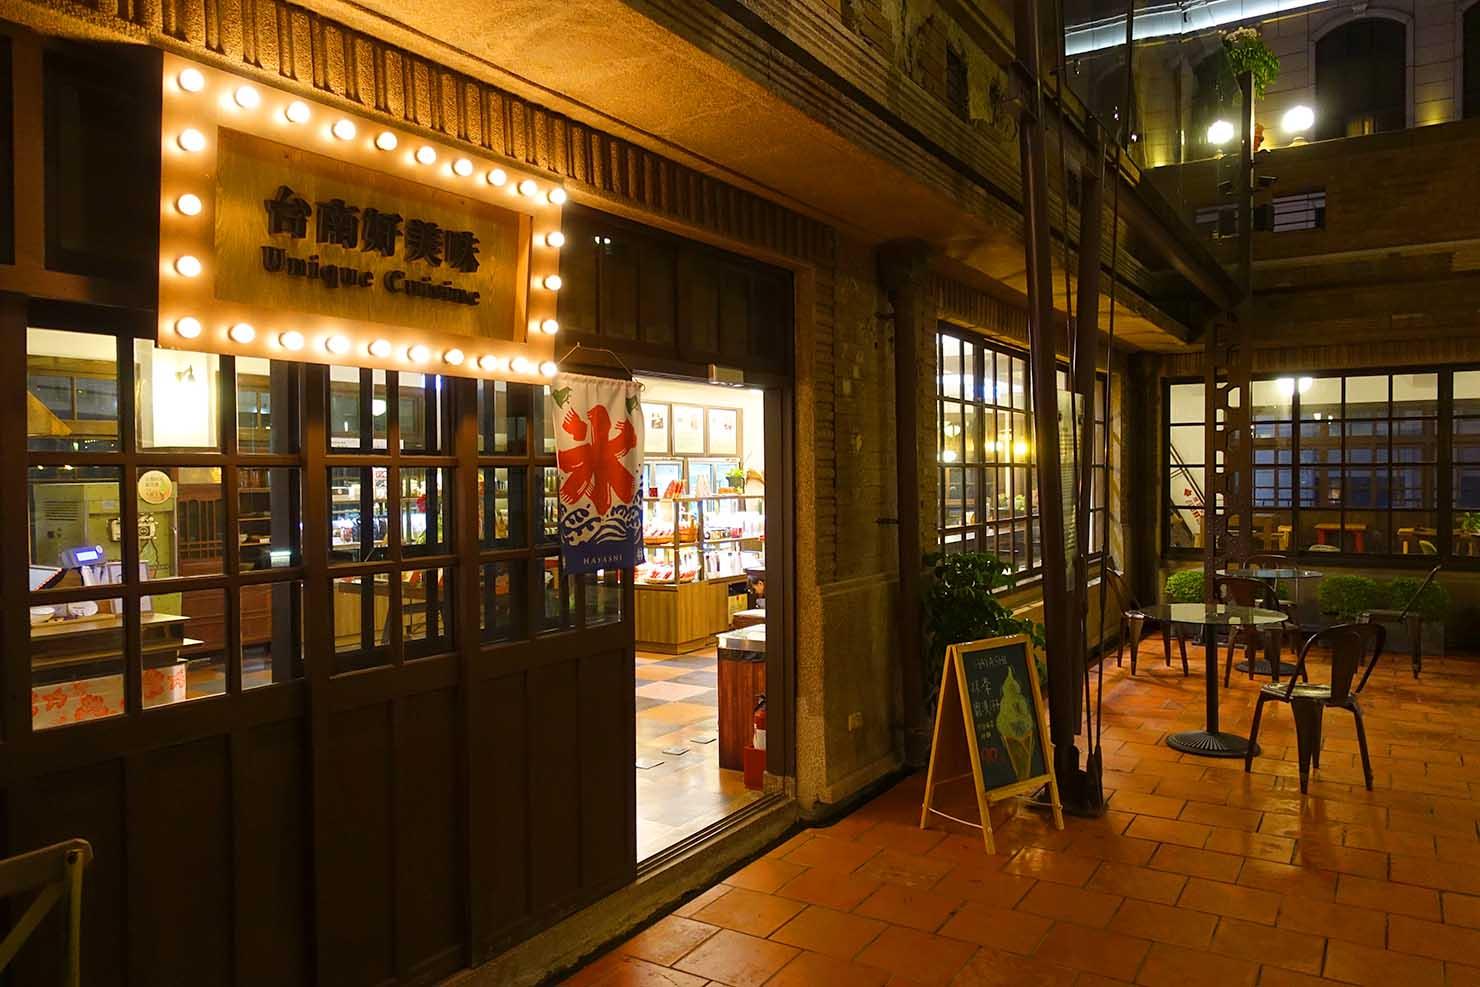 台湾の古都・台南のおすすめ観光スポット「林百貨」のグルメフロア